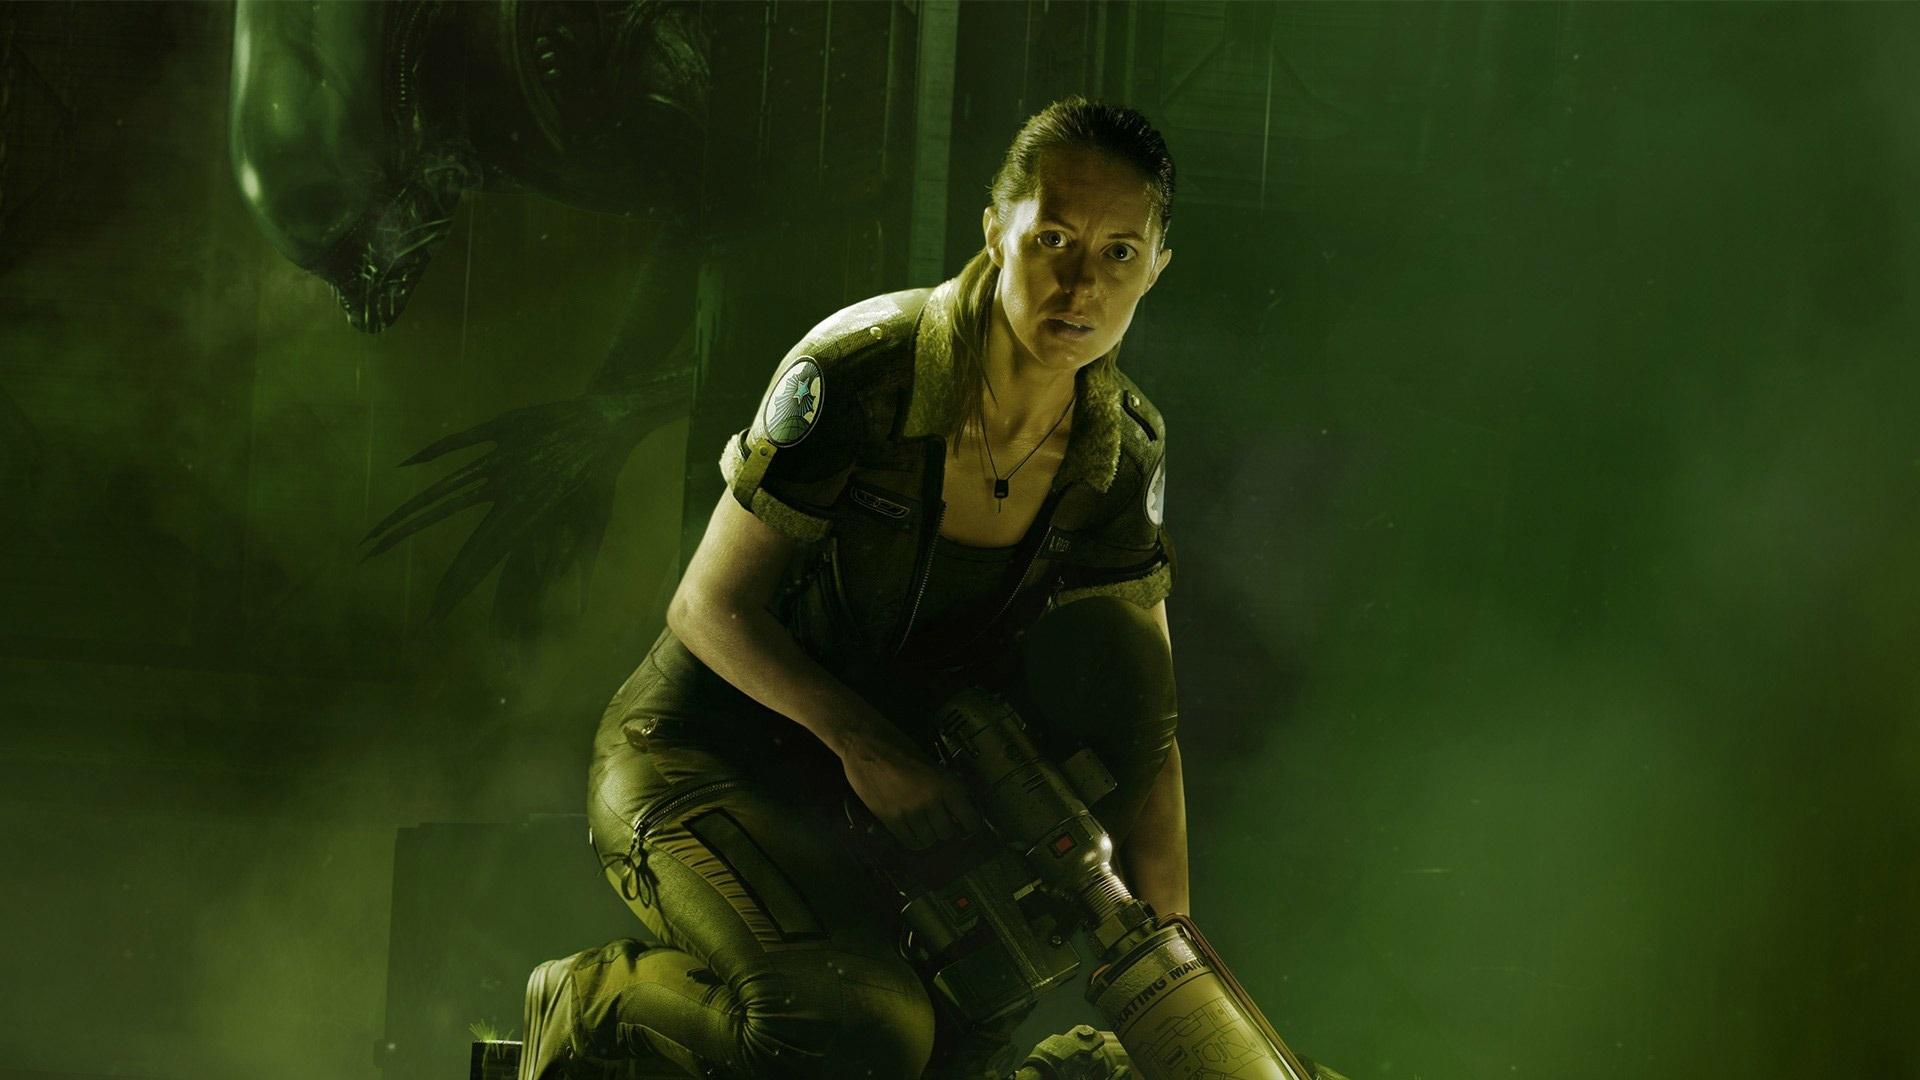 Художник показал, как бы выглядела новая игра по первому «Чужому» на Unreal Engine 4